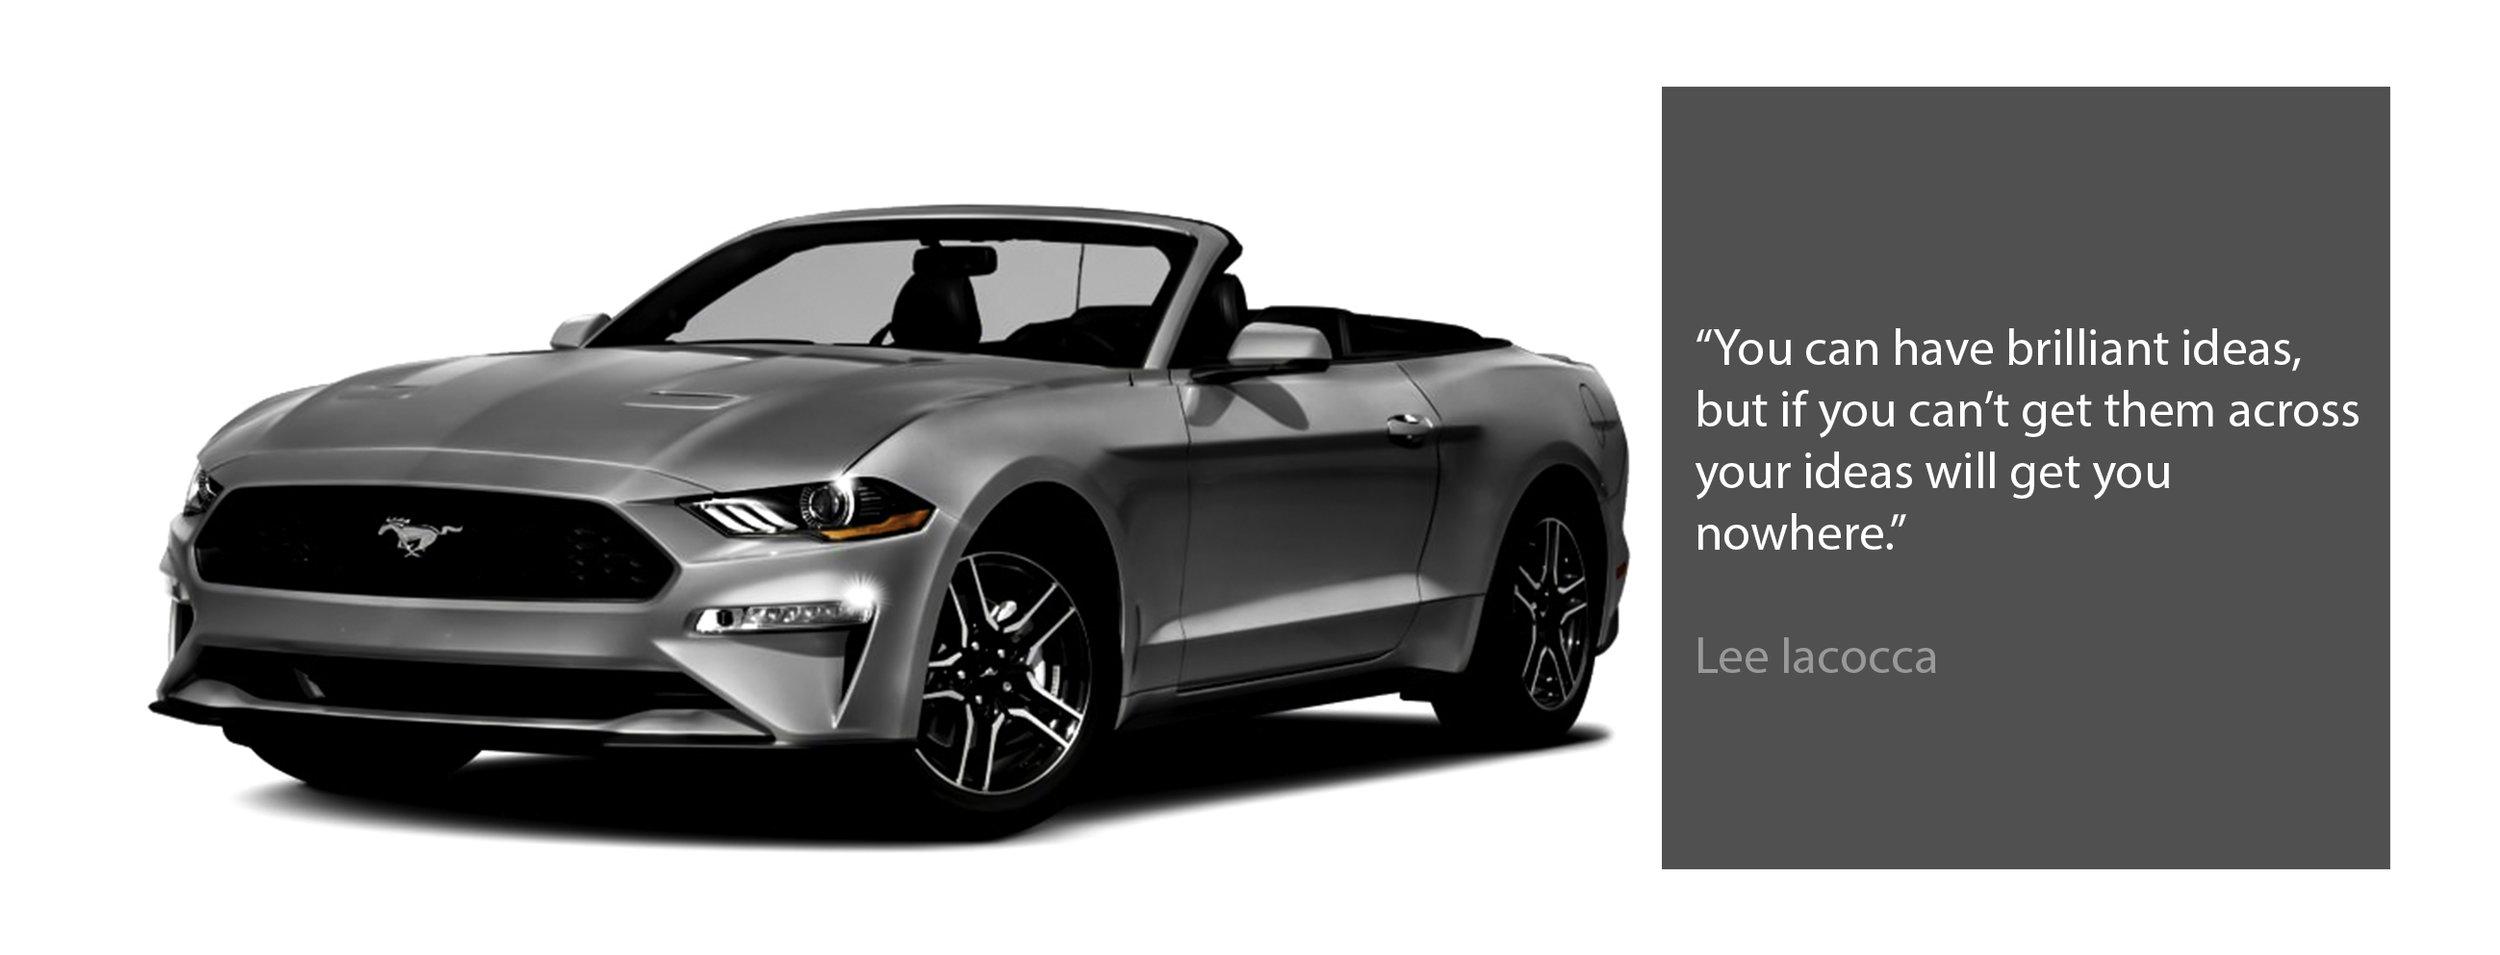 Mustang slide 5.jpg